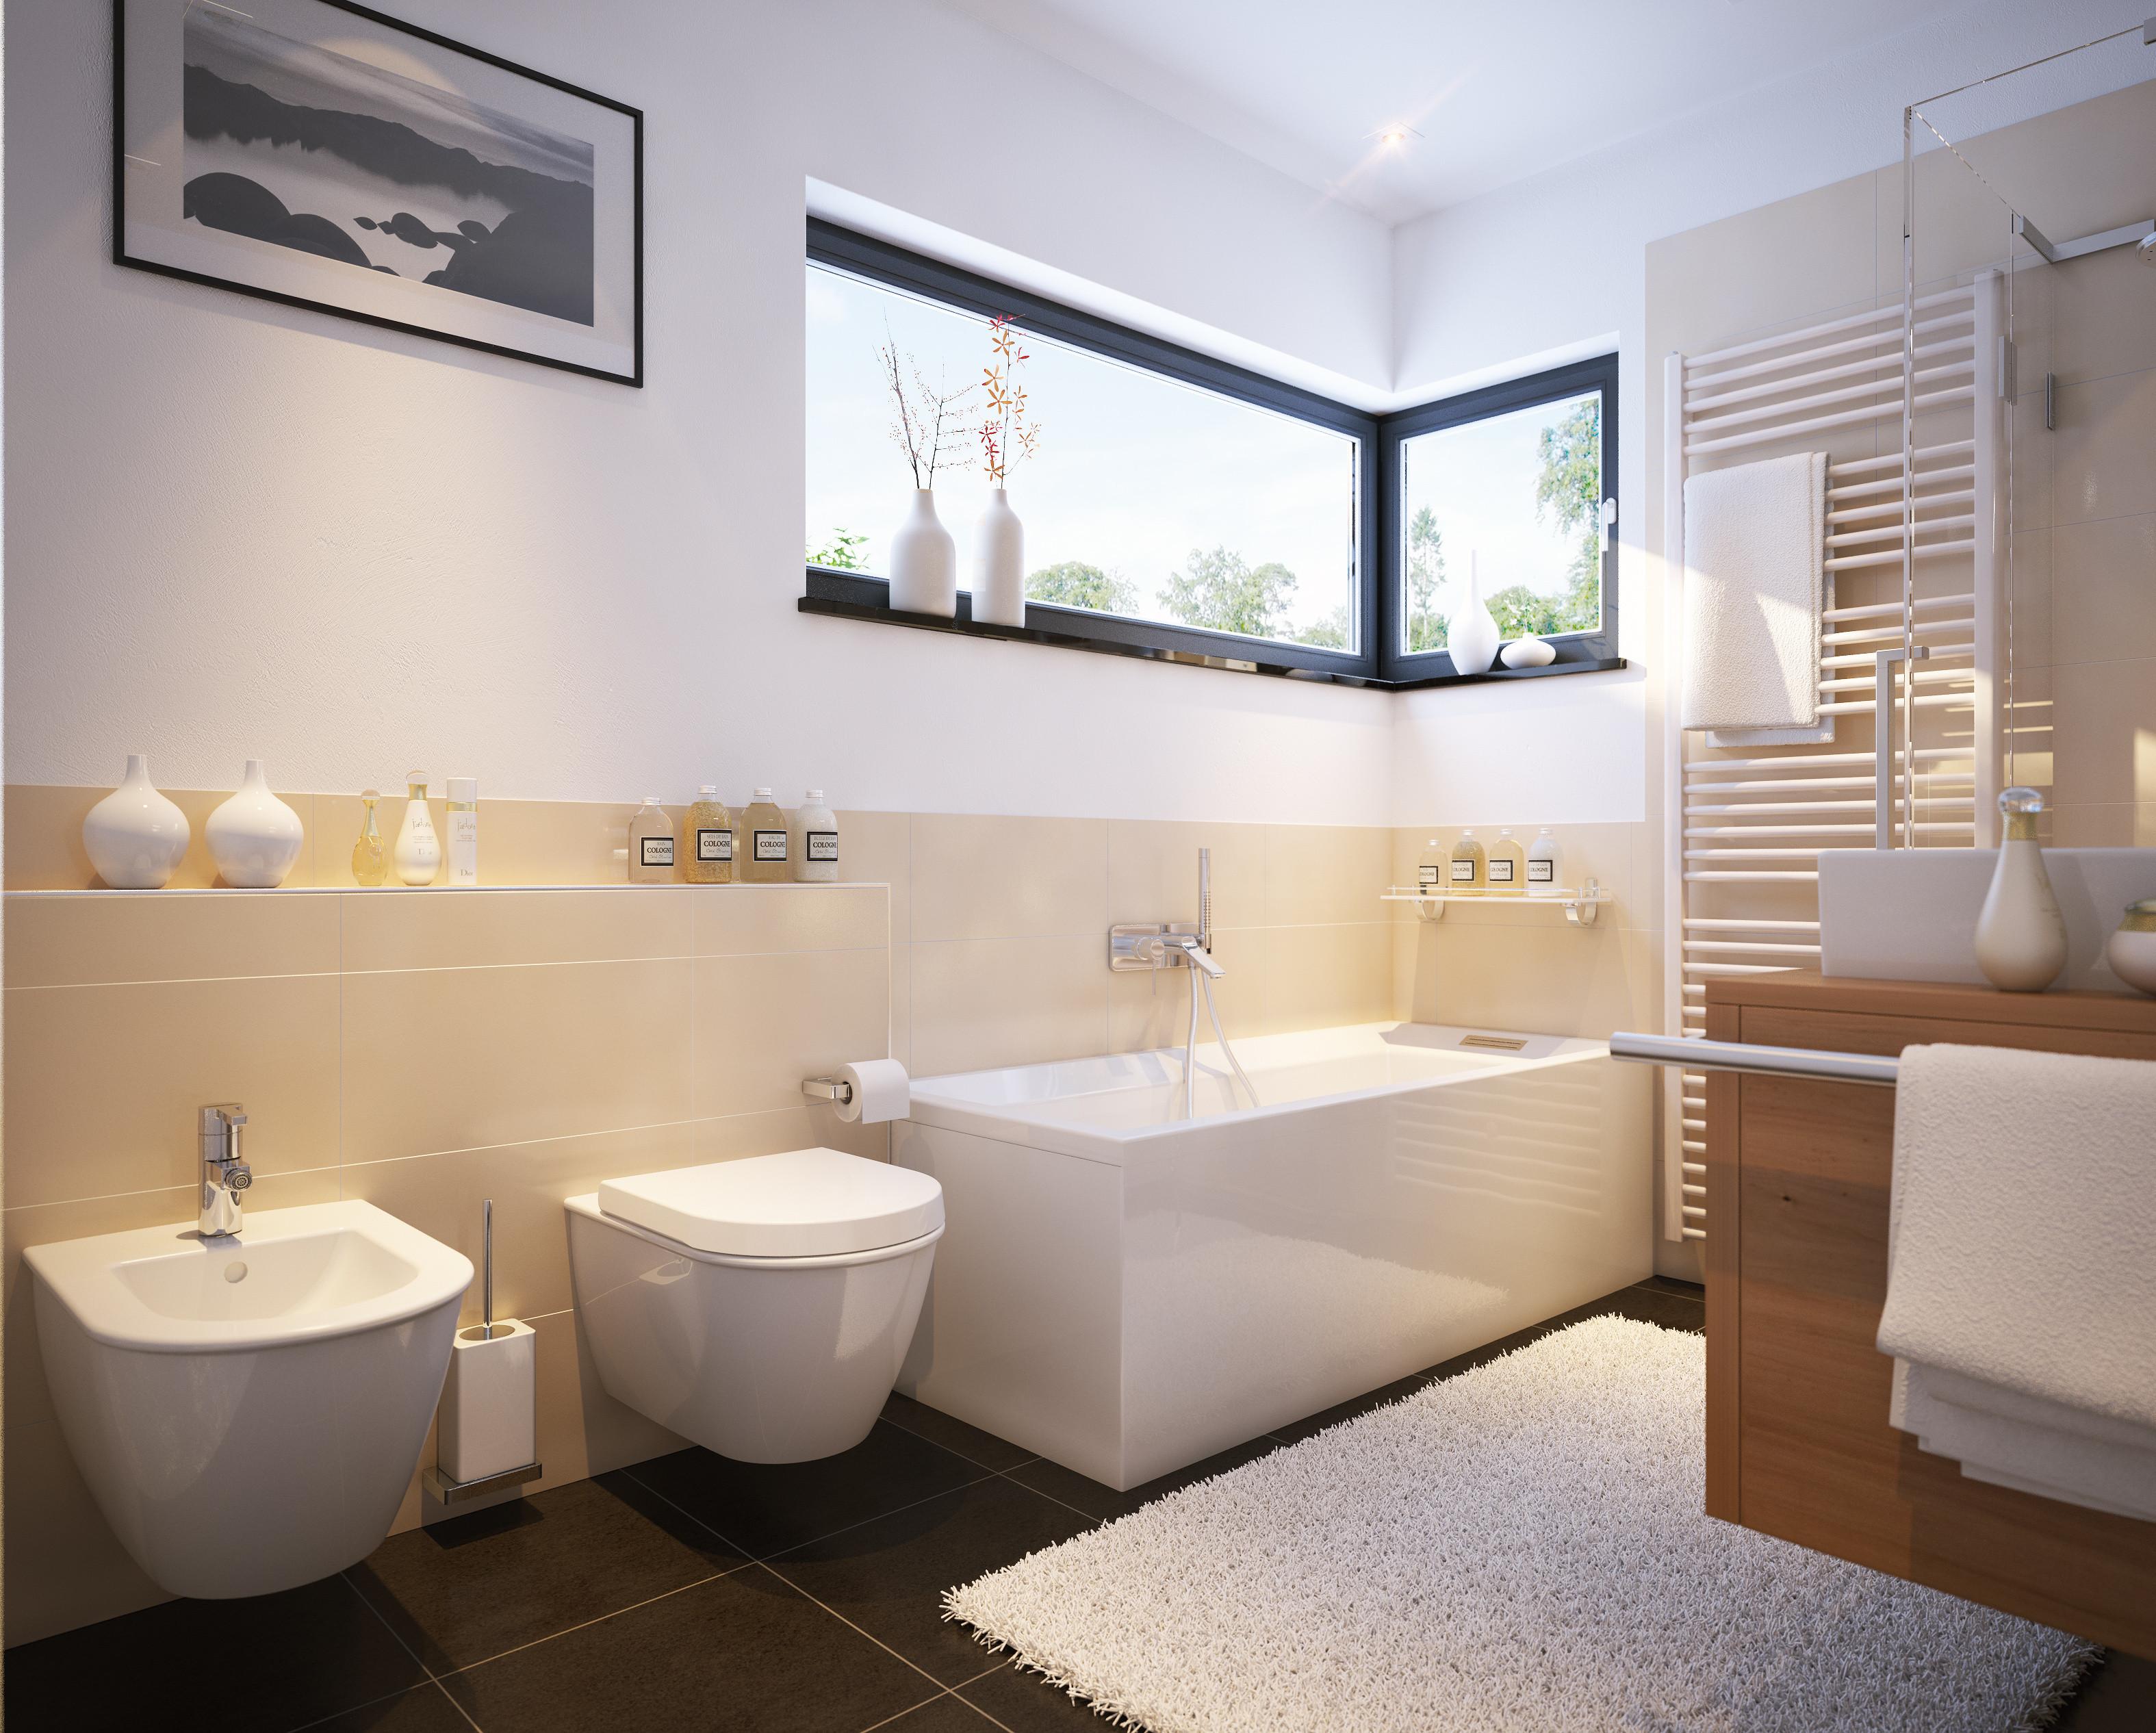 Badezimmer Bilder  Moderne Badezimmer mit Fliesen und Fenster